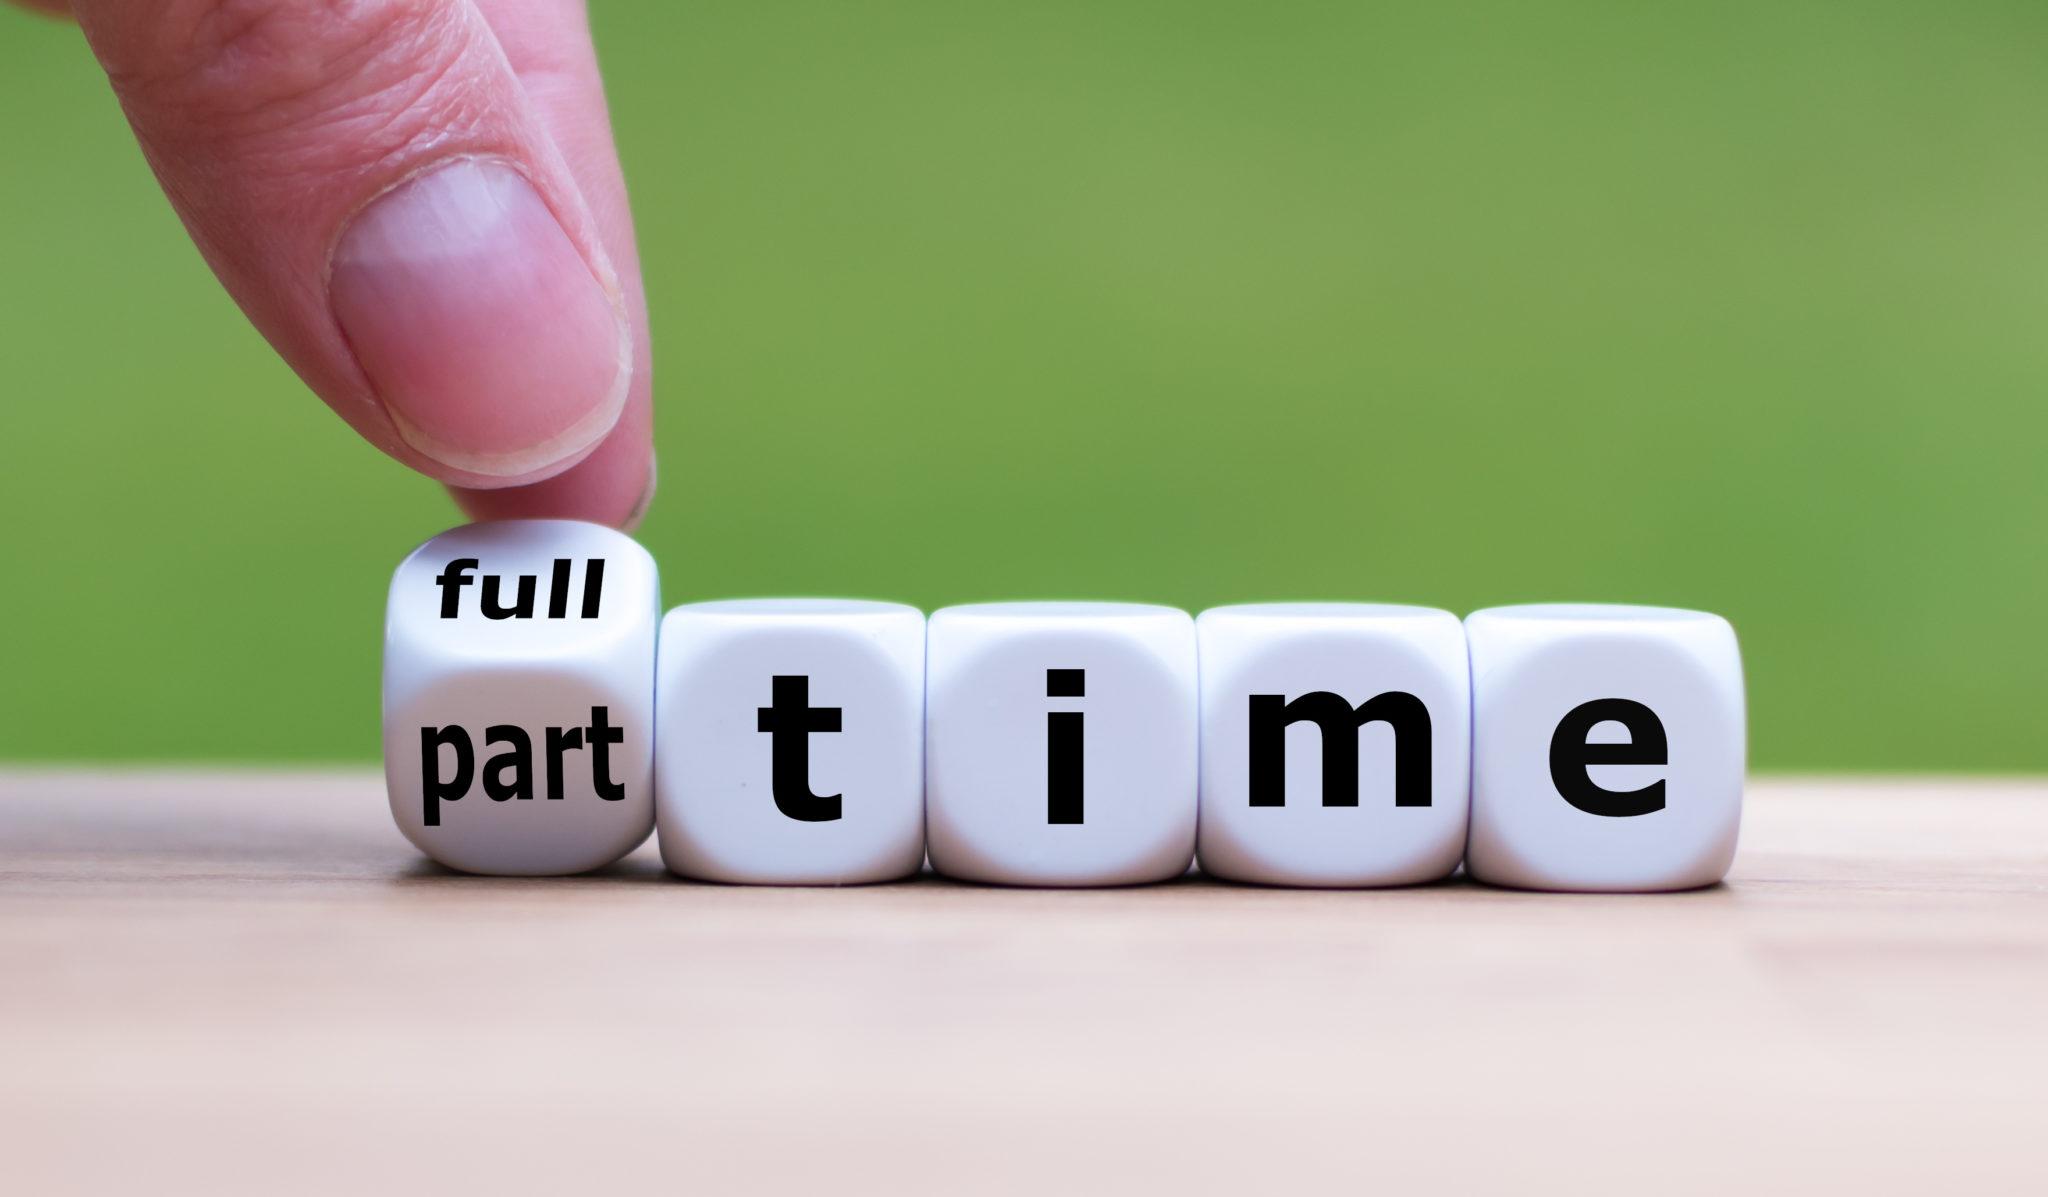 Công việc part time có lợi ích gì